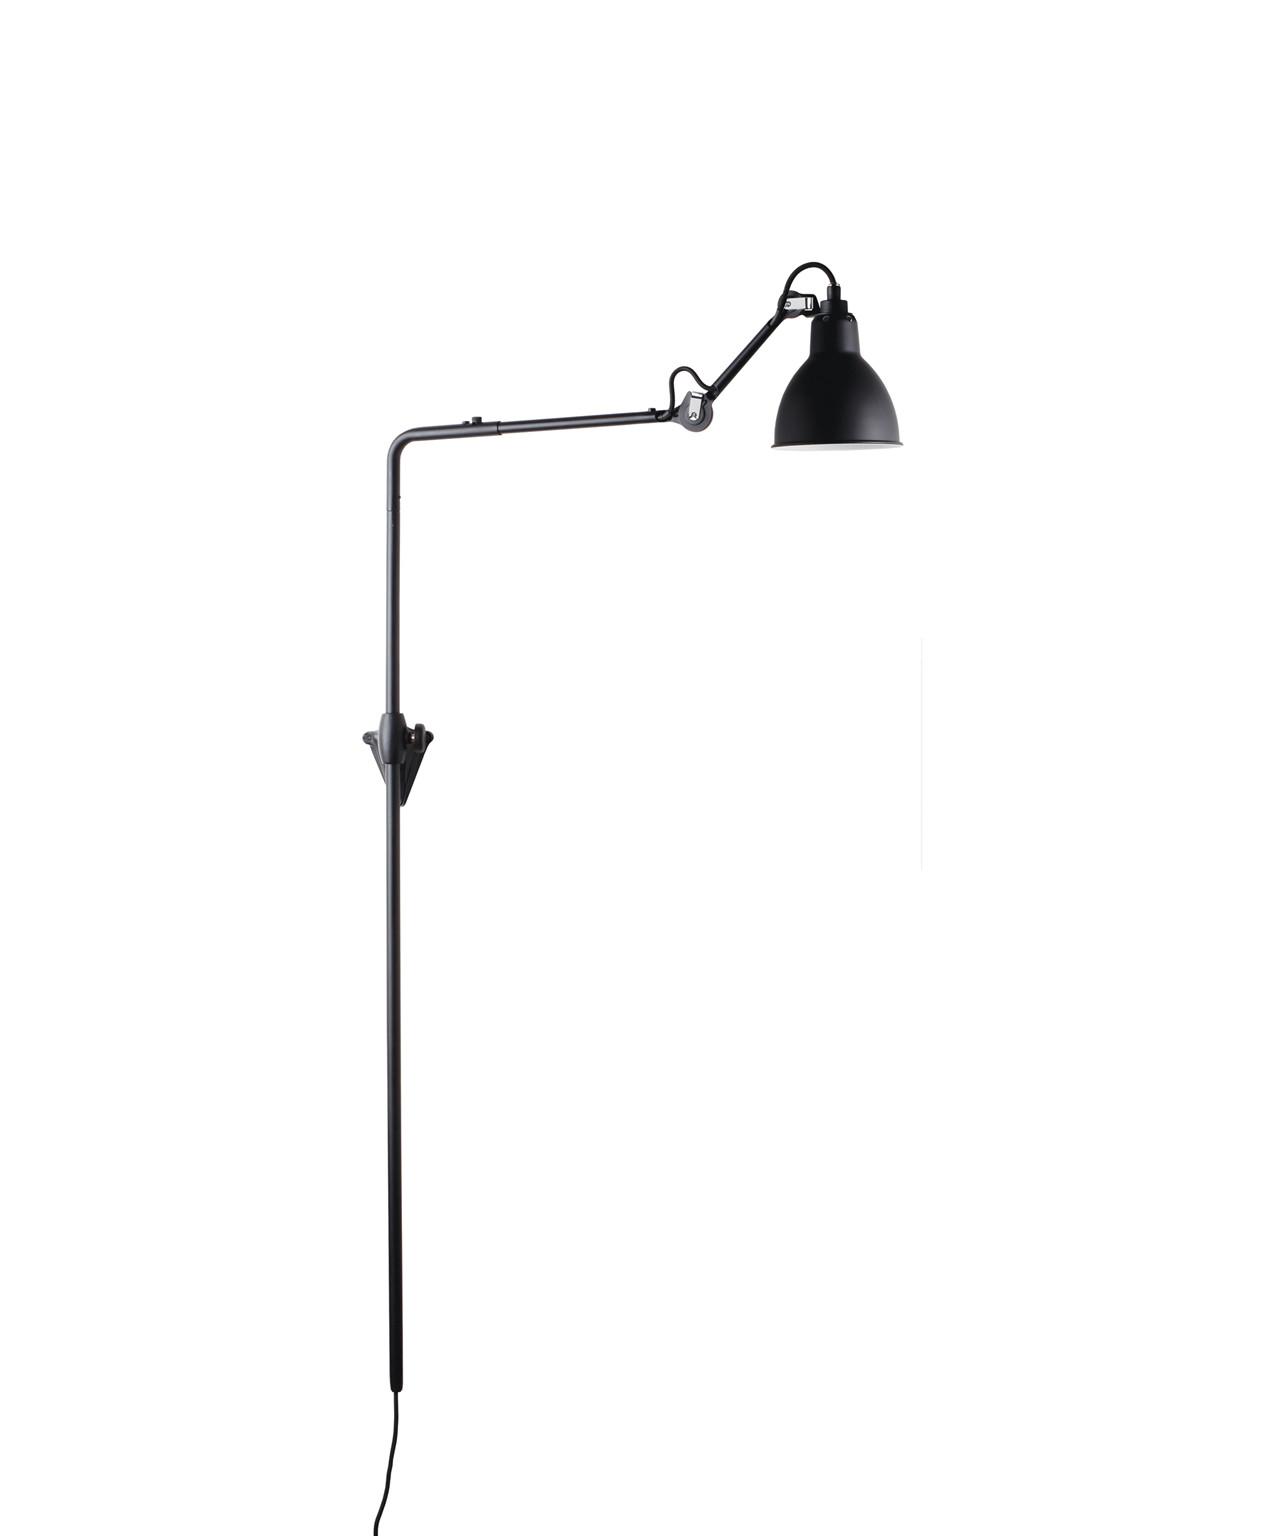 Image of   216 Væglampe Sort - Lampe Gras